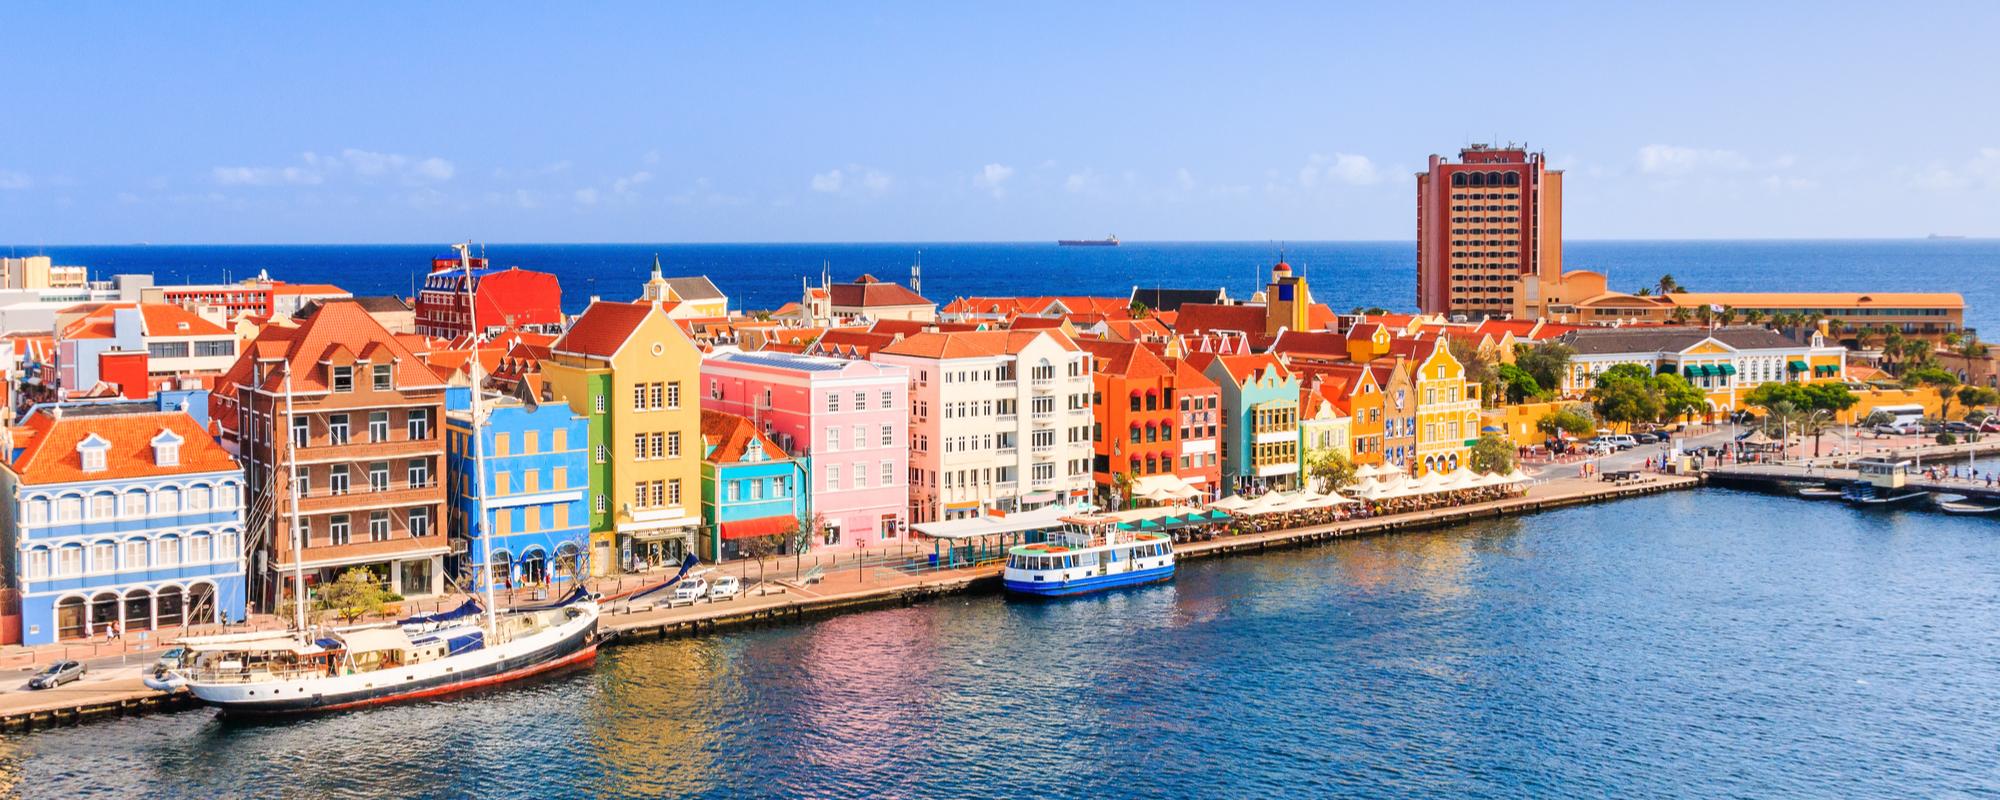 medewerker contactcenter hypotheken (Curaçao)